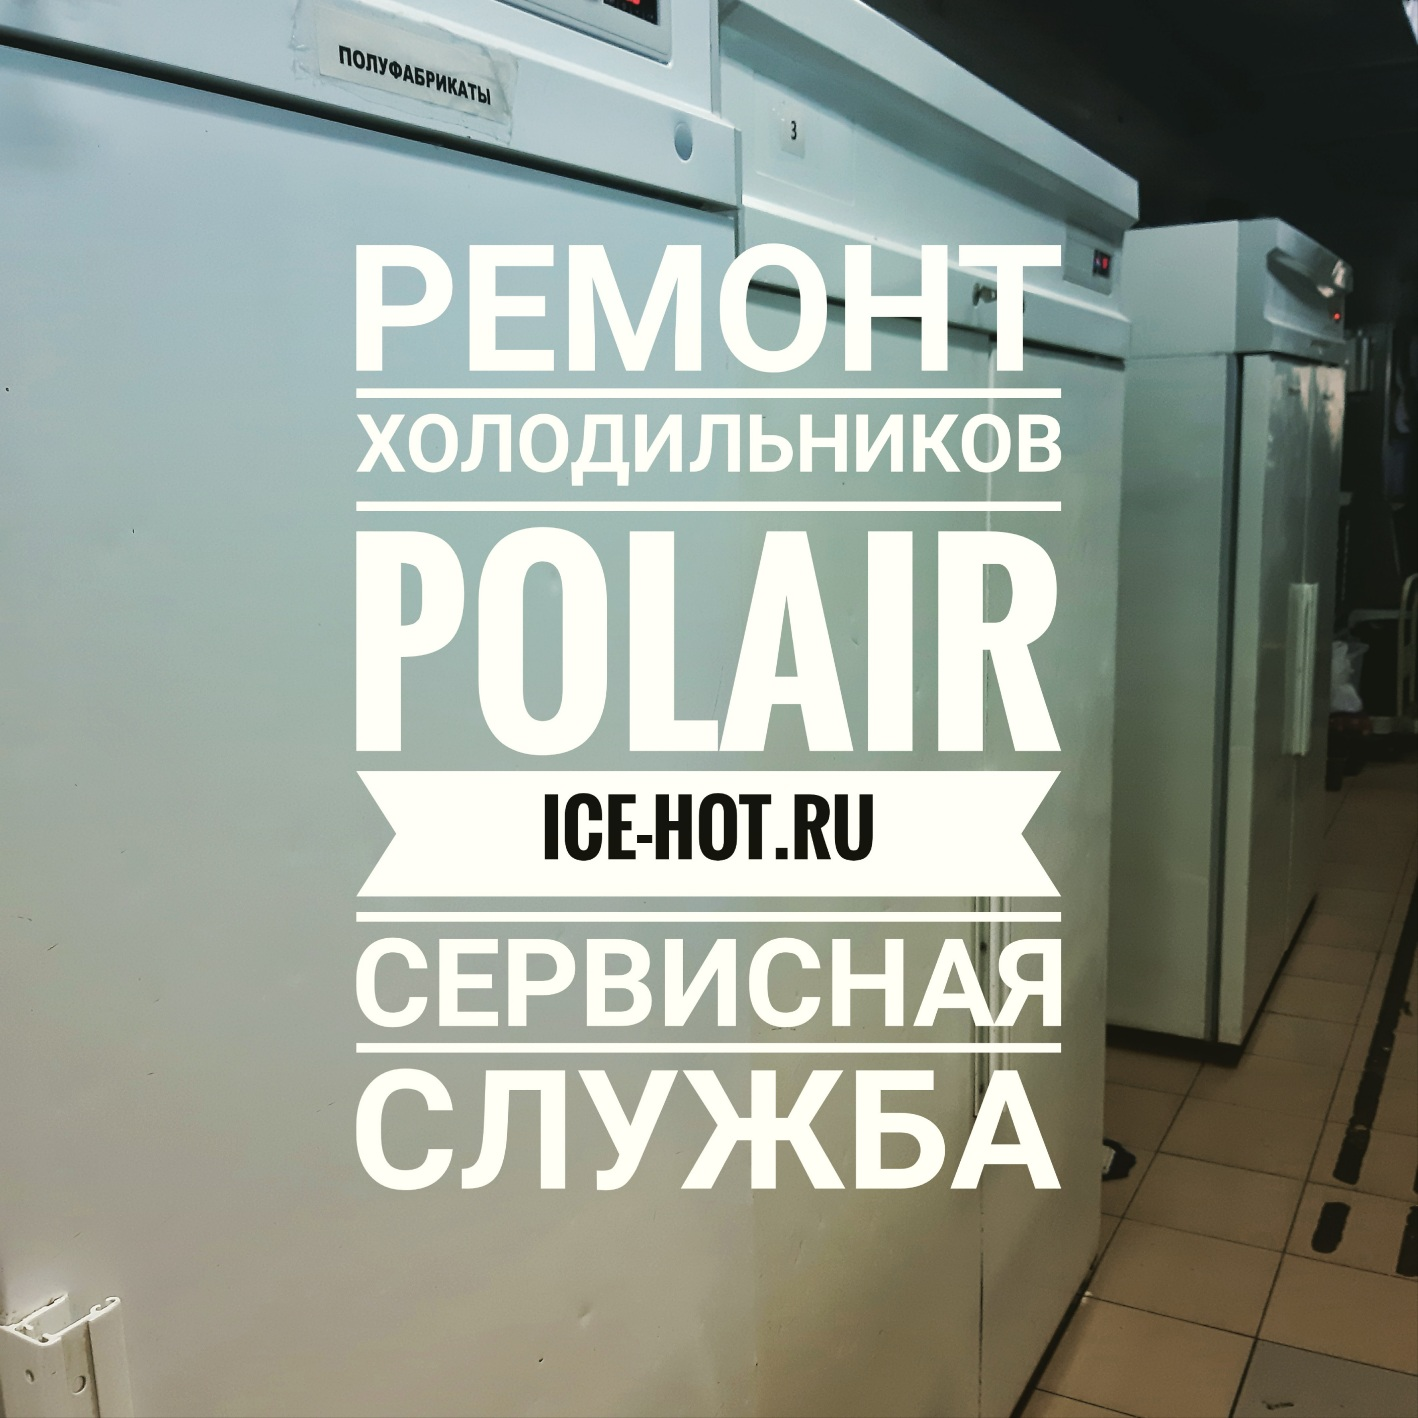 Ремонт холодильников Polair - ice-hot.ru